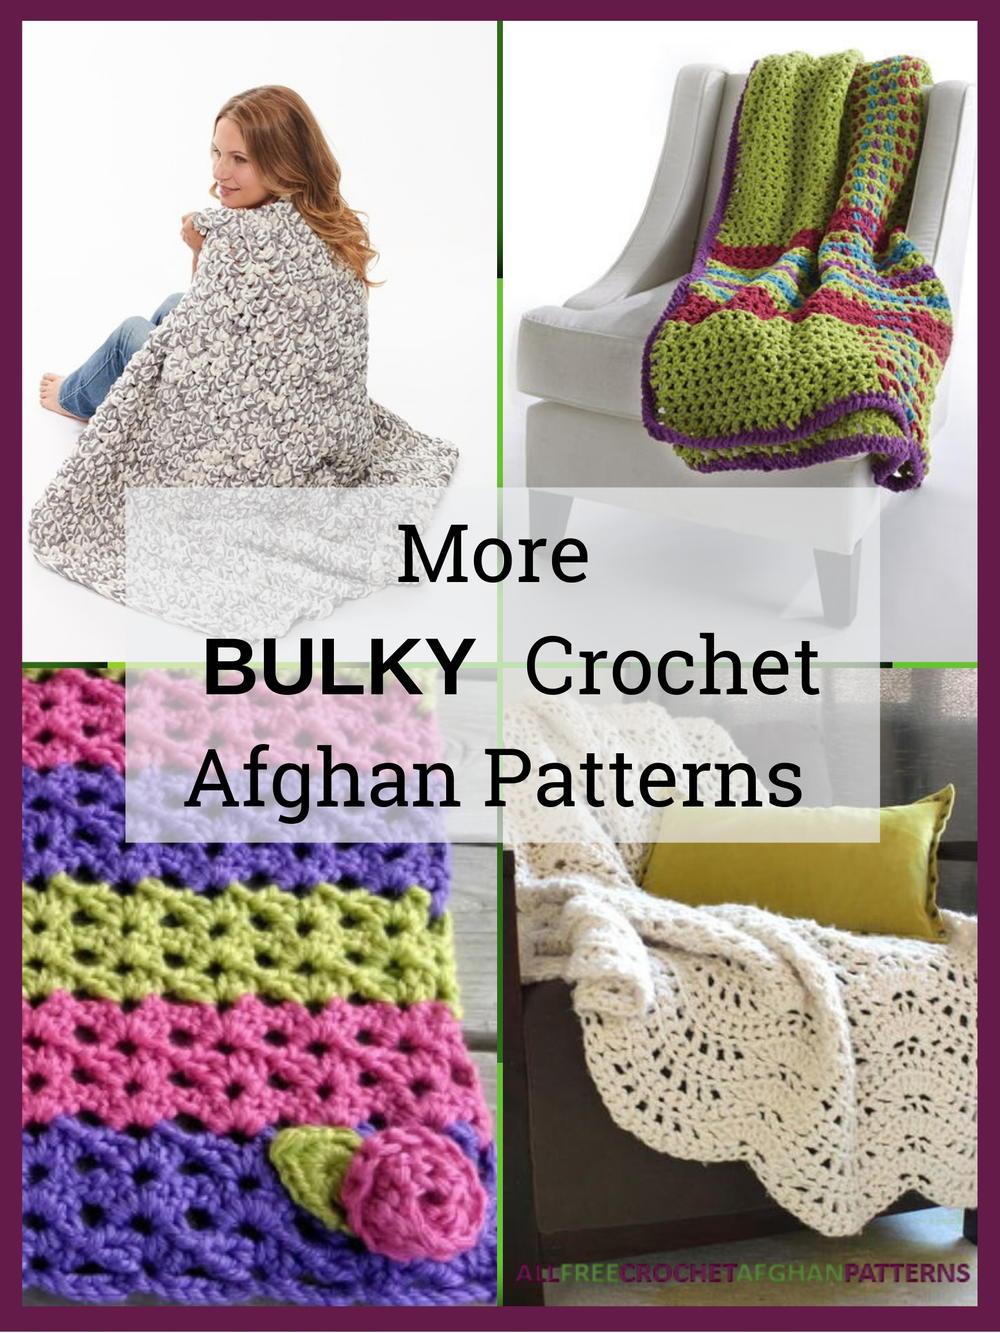 14 More Bulky Crochet Afghan Patterns Allfreecrochetafghanpatterns